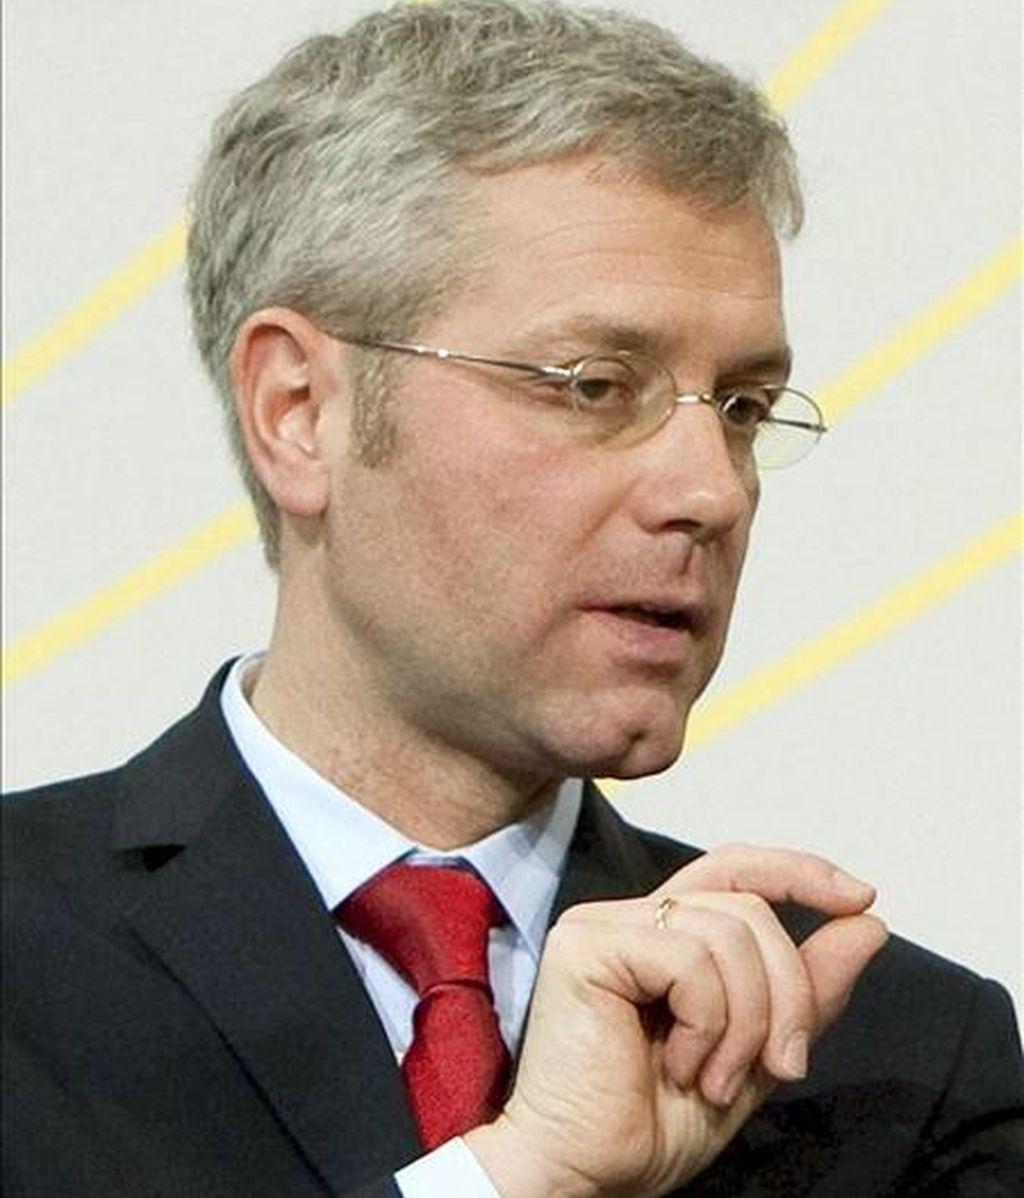 El ministro de Medio Ambiente alemán, Norbert Röttgen. EFE/Archivo